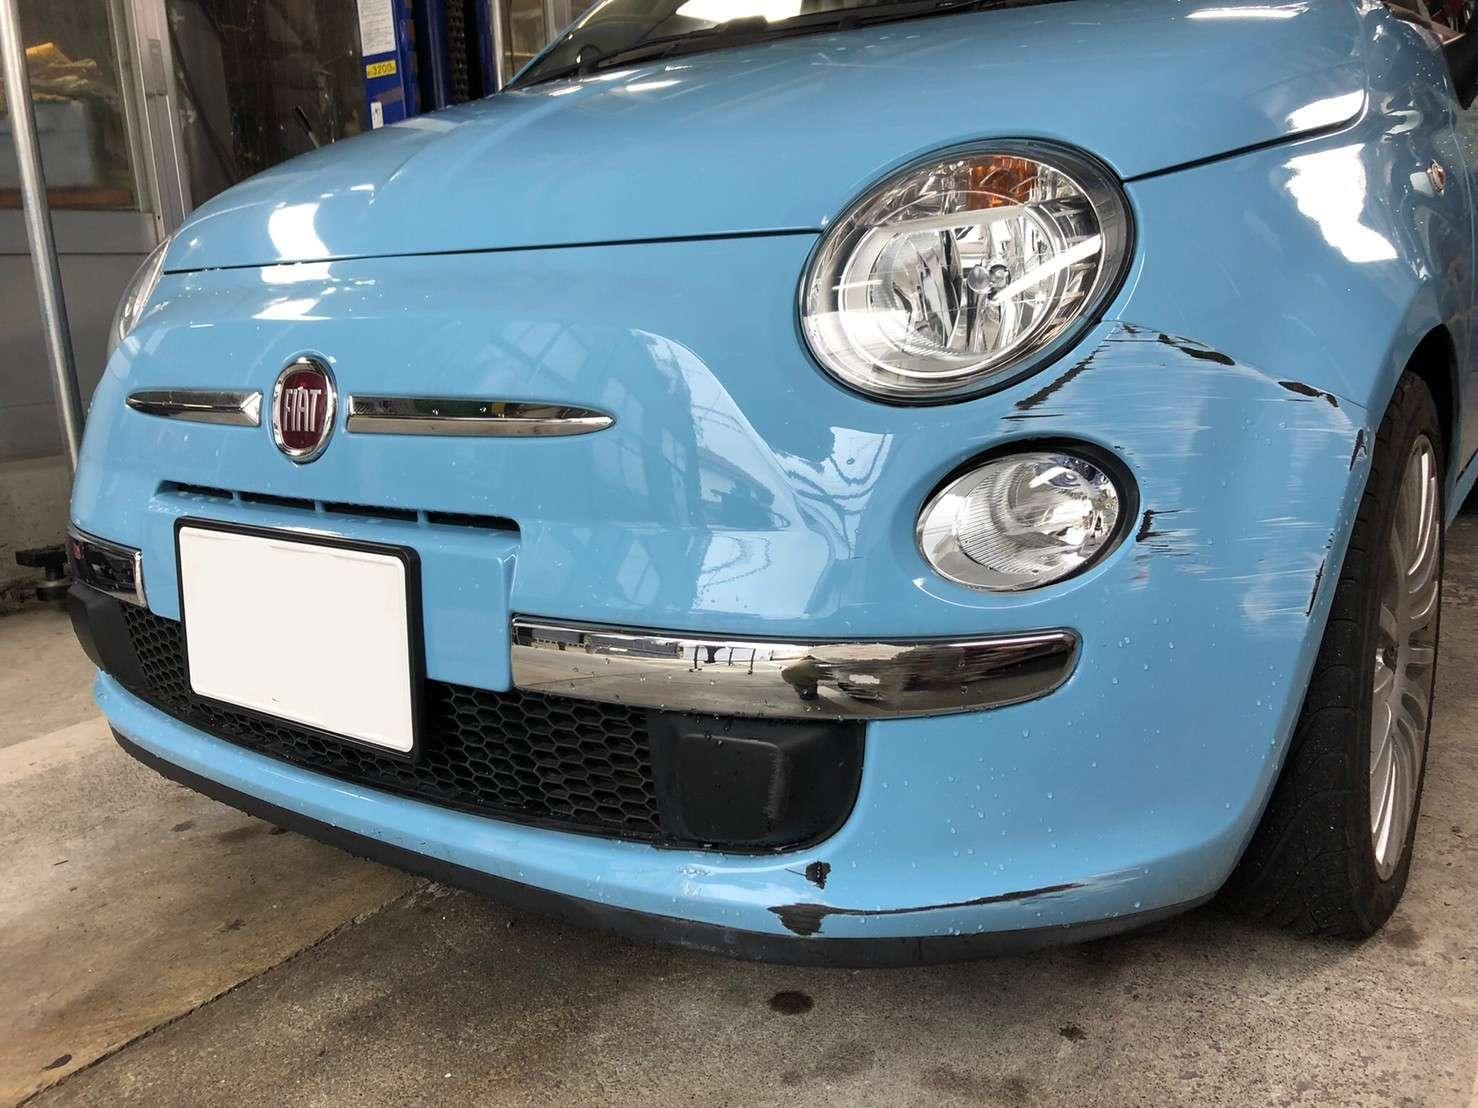 キズ・凹み修理【お客様のご要望に合わせてきめ細やかな対応を!】ぜひお客様の大切なお車を私たちにお任せください。